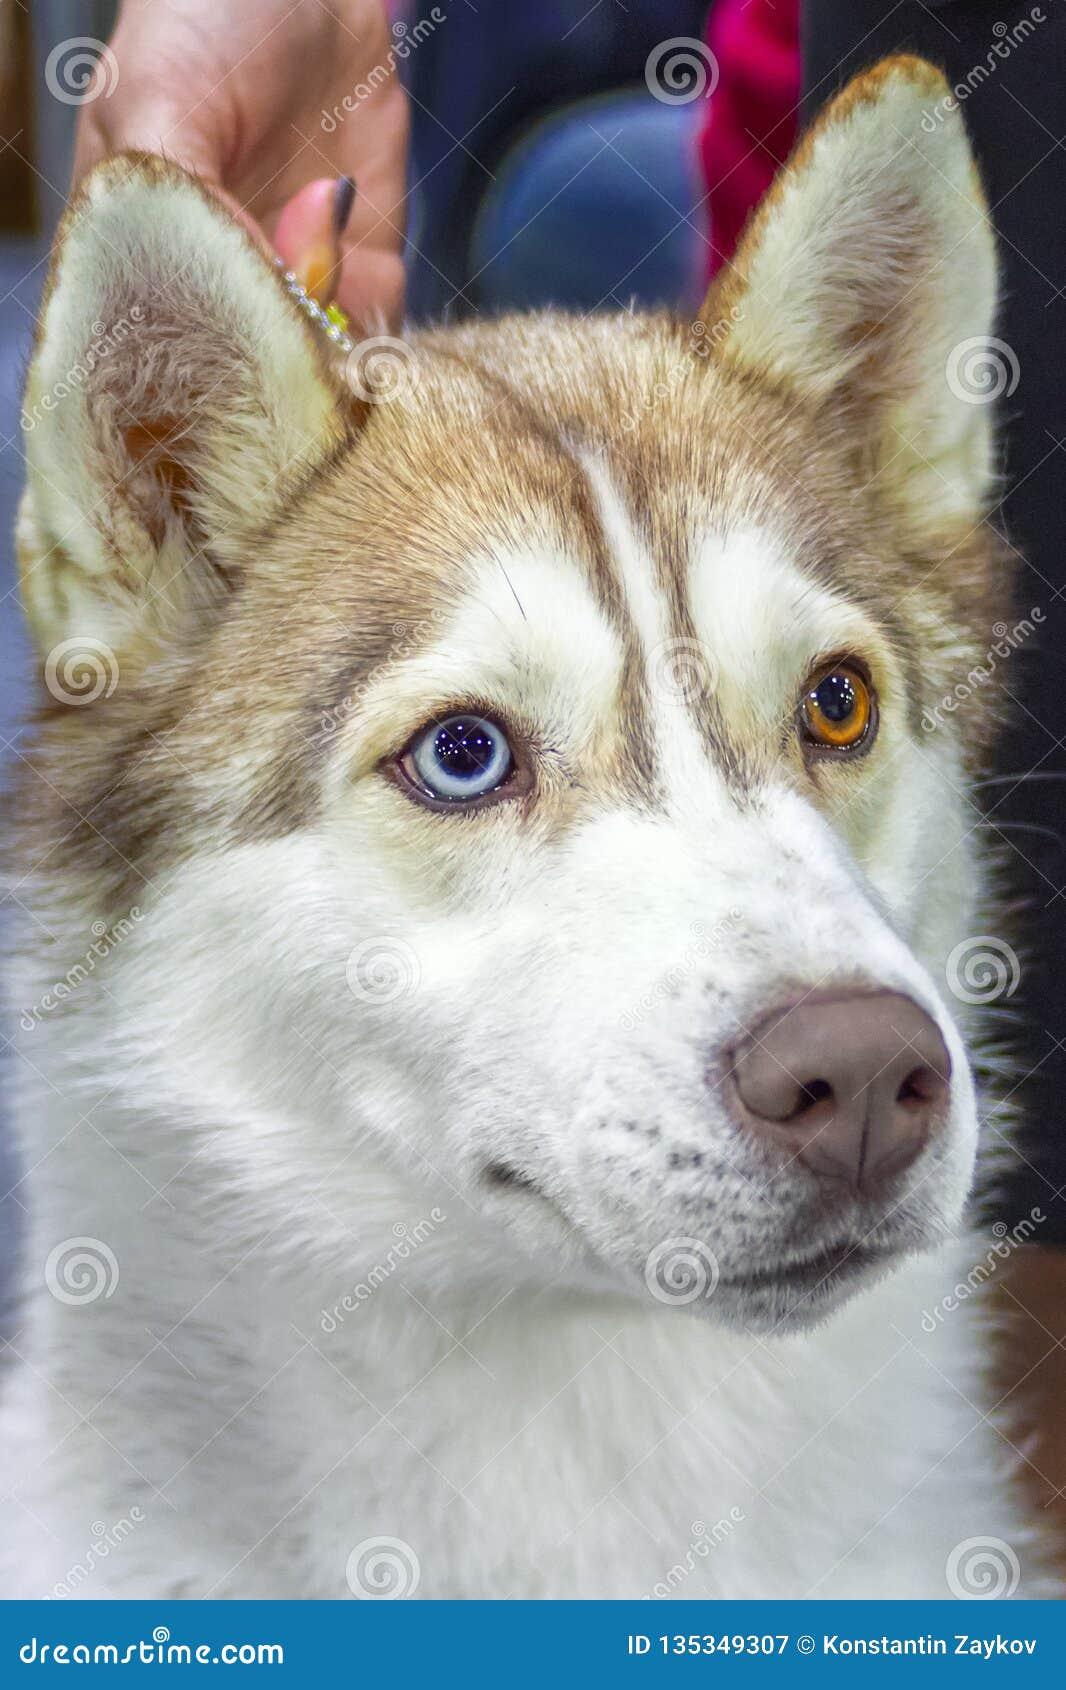 与多彩多姿的包含不同颜色的眼睛的布朗逗人喜爱的西伯利亚爱斯基摩人狗看起来斜向一边,正面图 关闭